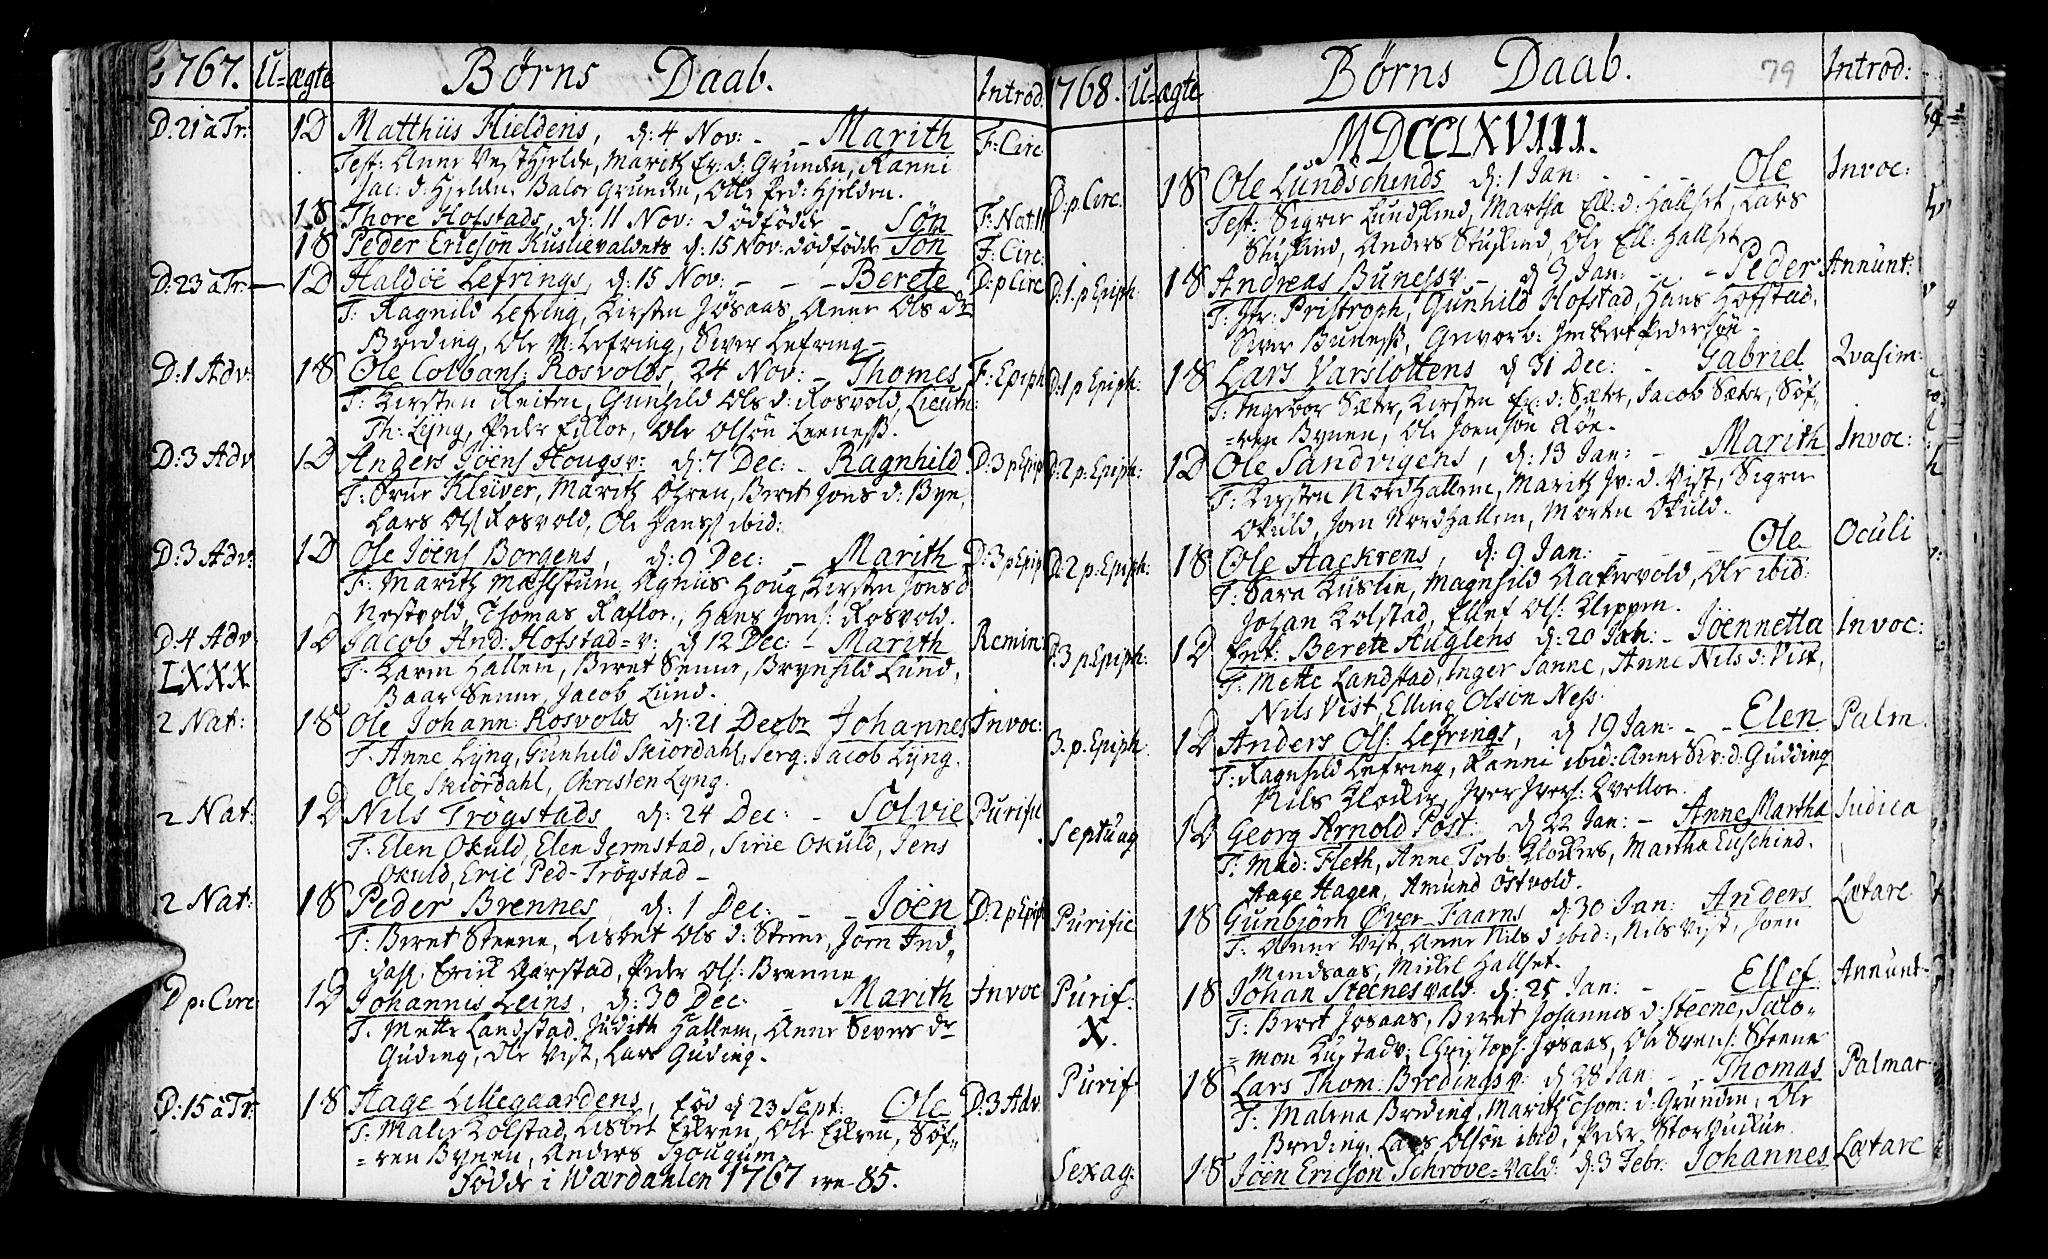 SAT, Ministerialprotokoller, klokkerbøker og fødselsregistre - Nord-Trøndelag, 723/L0231: Ministerialbok nr. 723A02, 1748-1780, s. 79